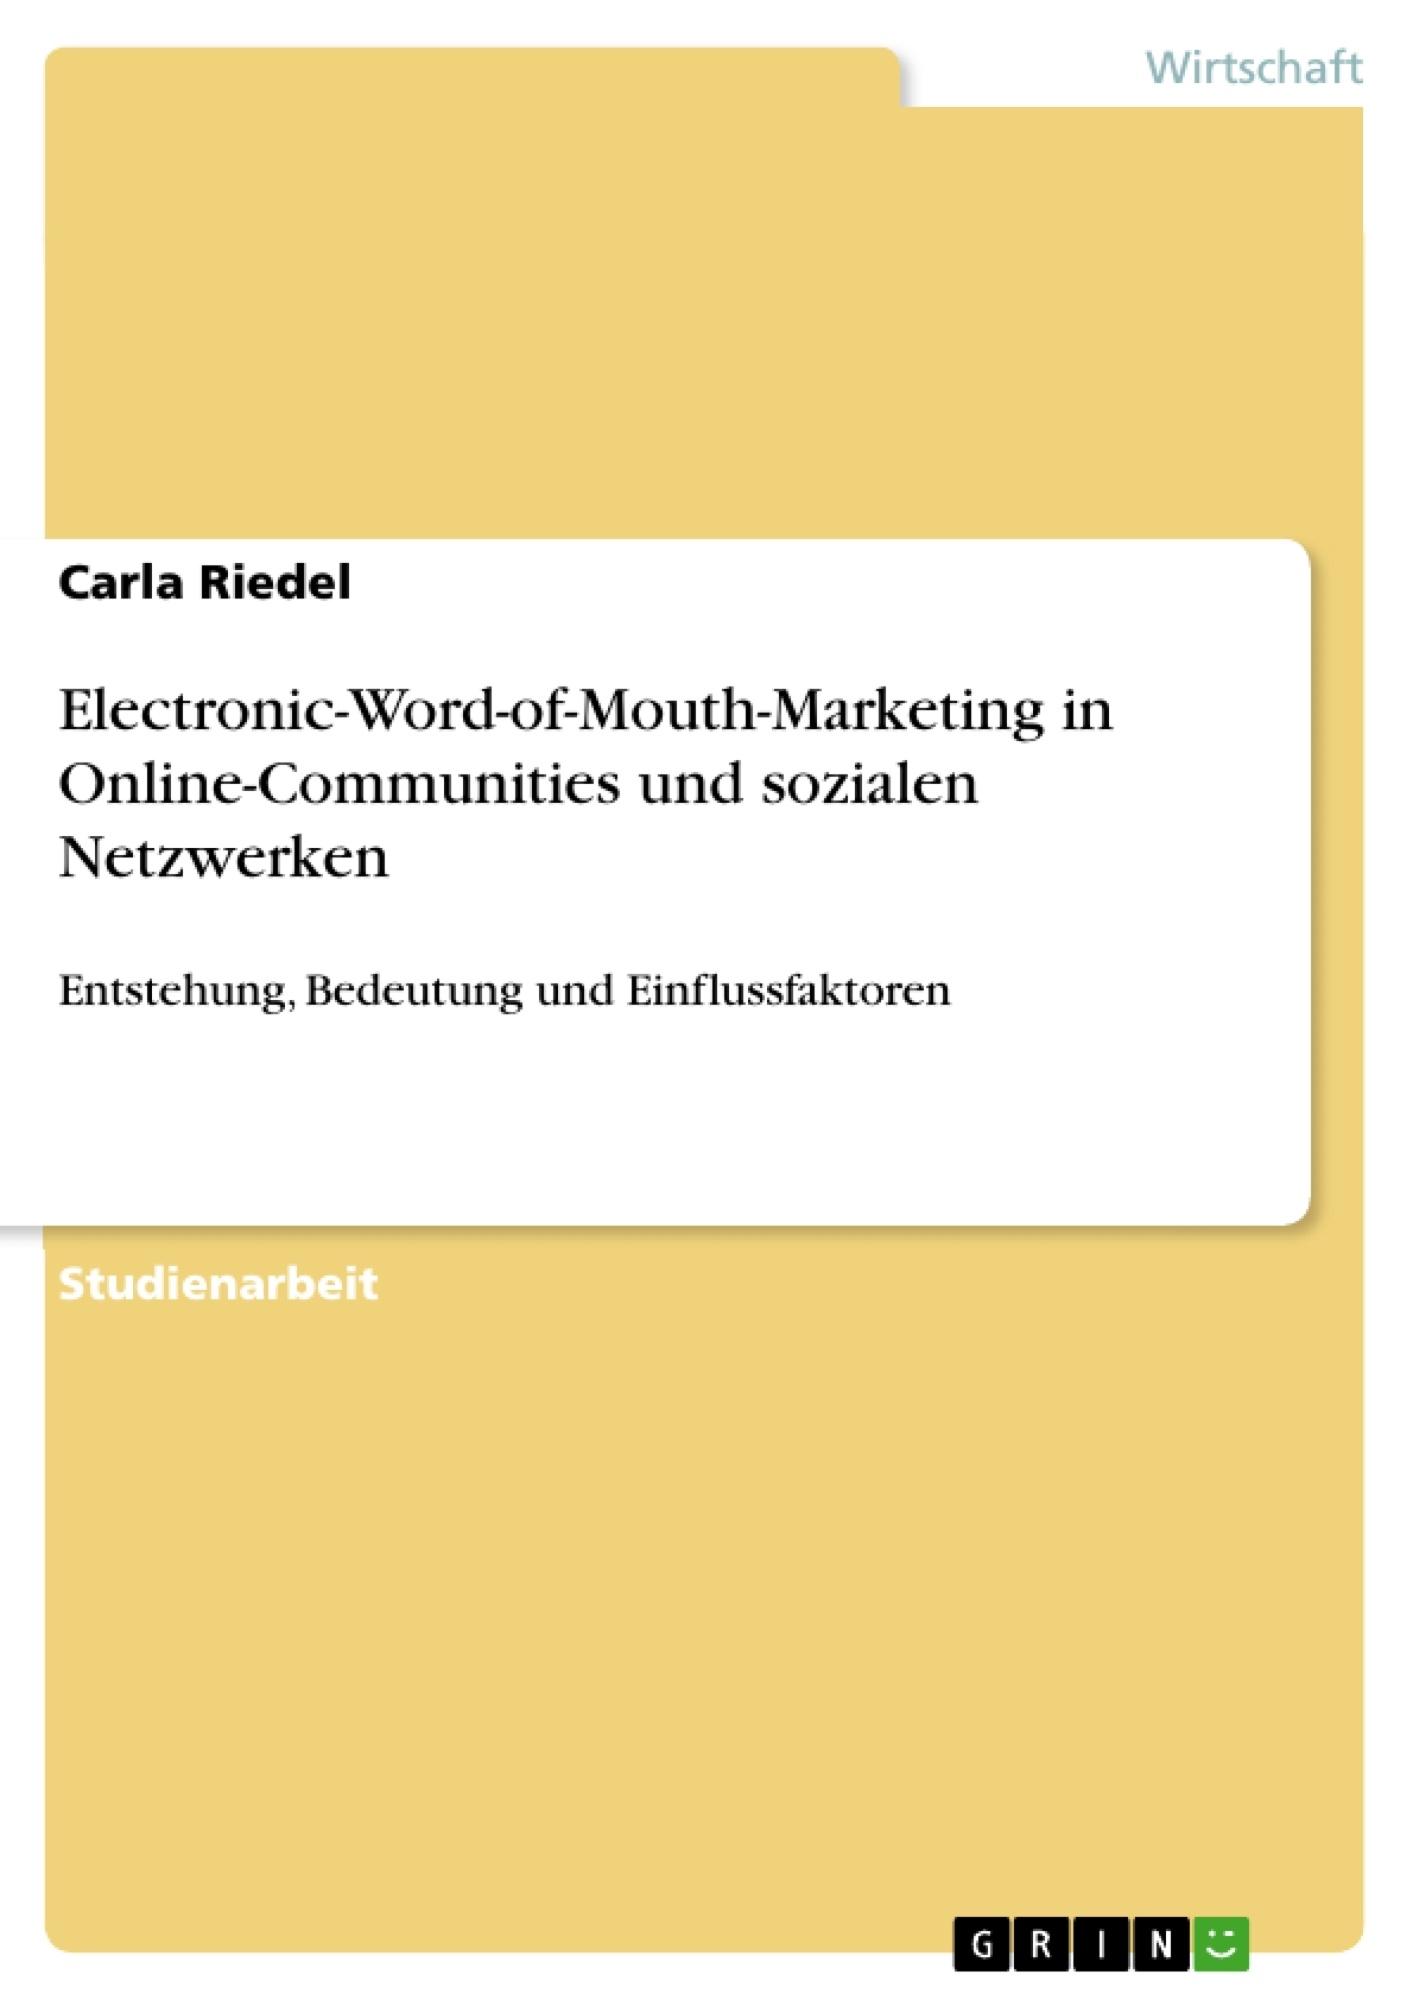 Titel: Electronic-Word-of-Mouth-Marketing in Online-Communities und sozialen Netzwerken